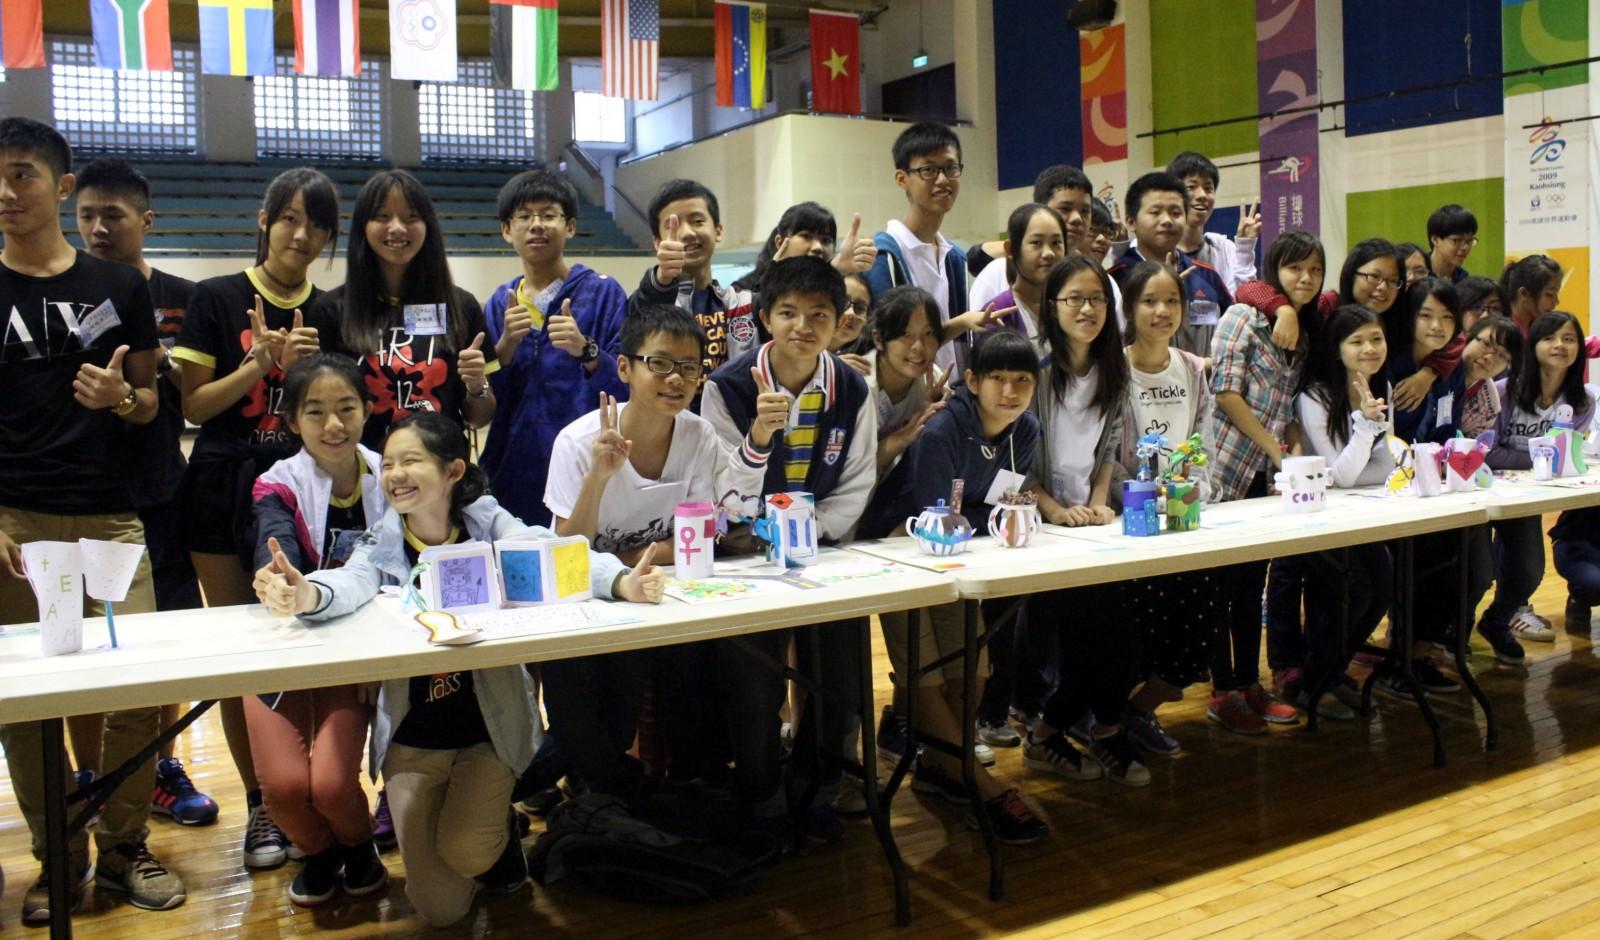 2015高雄市國中小創意運動會腦力競賽 展現台灣意象